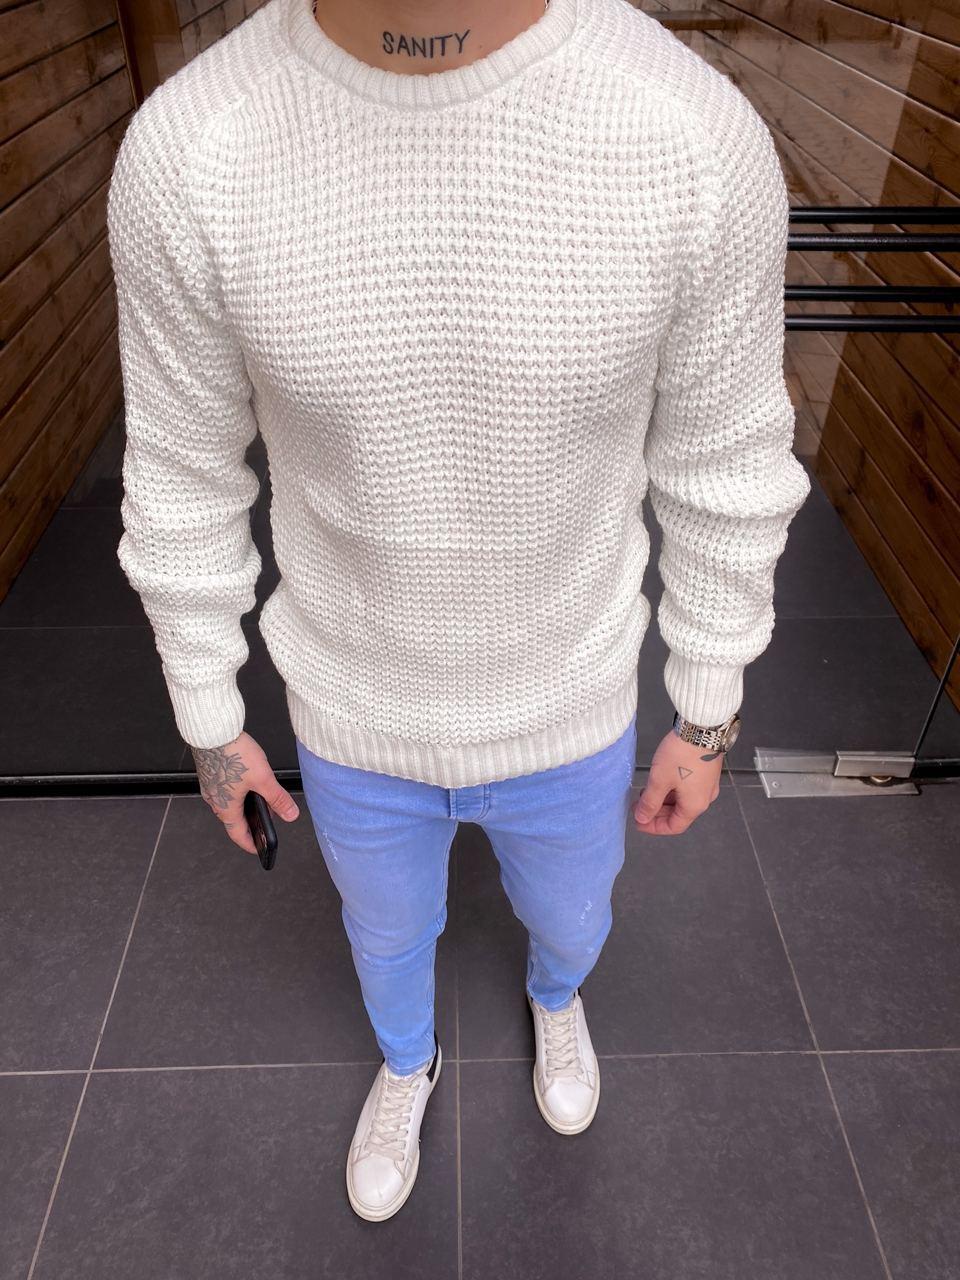 😜 Светр Чоловічий светр білий / чоловічий плотний светр білий вязаний